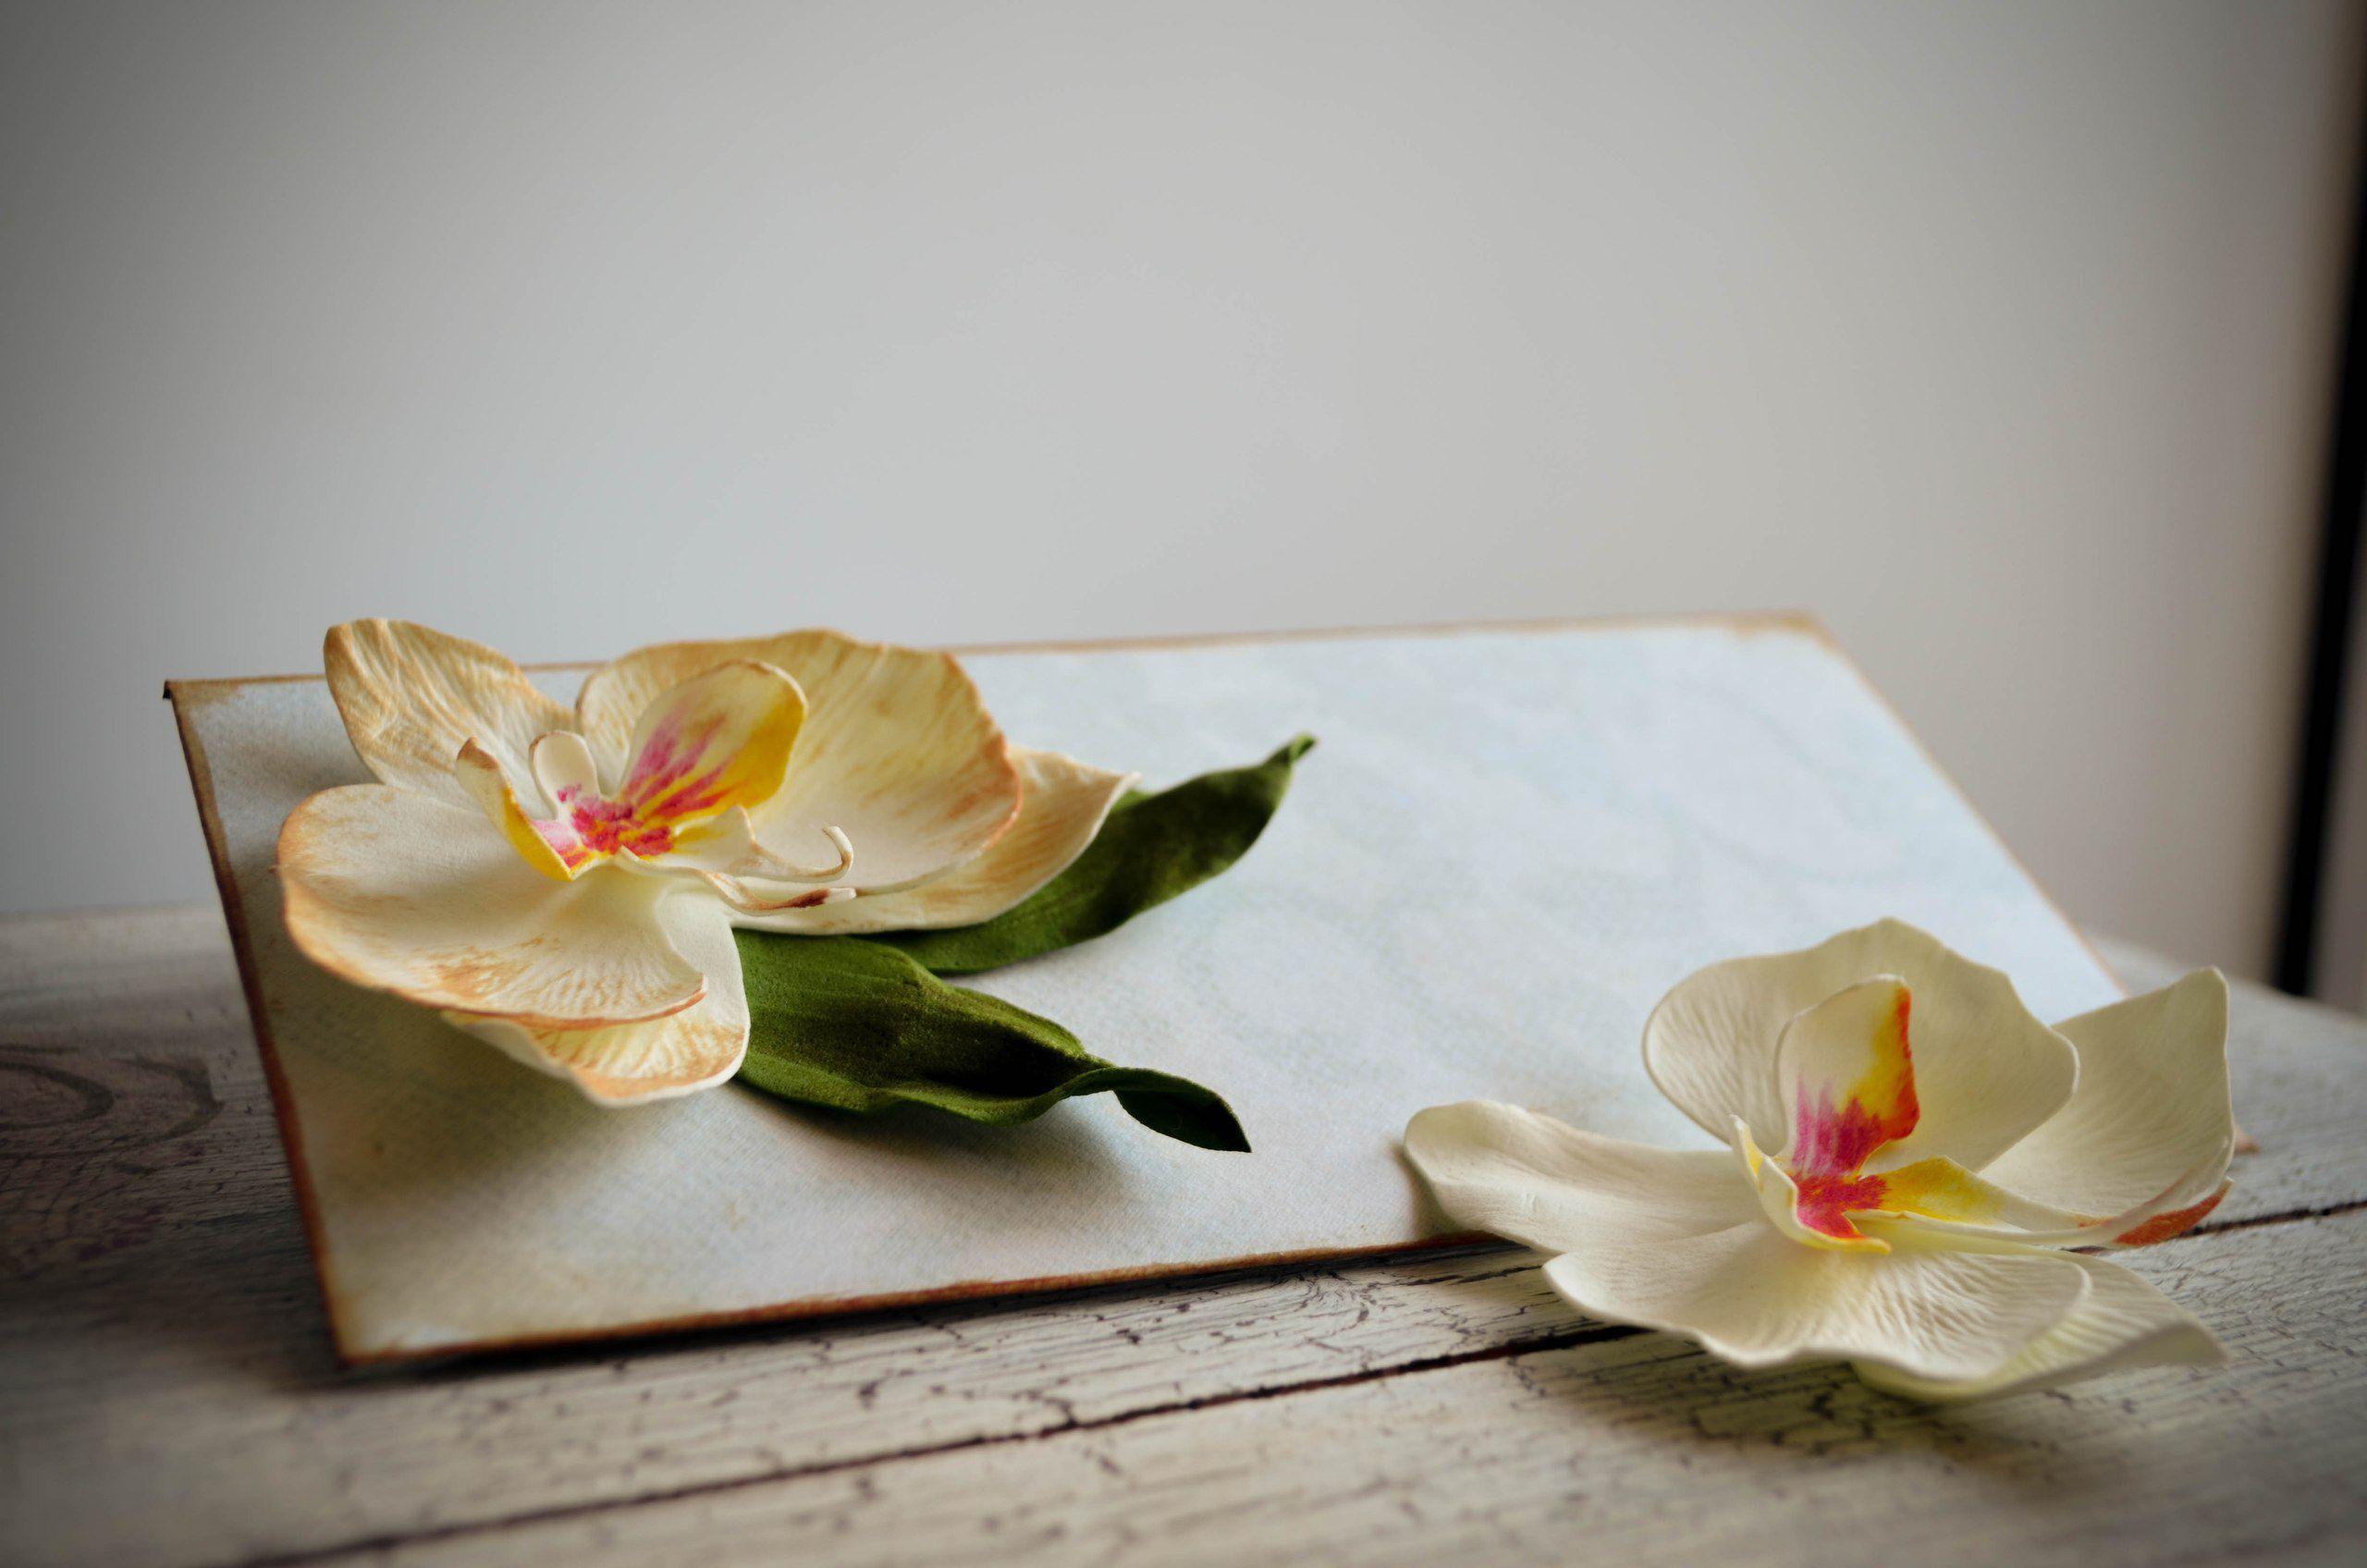 авторская работа орхидея праздник фоамиран открытка поздравление.